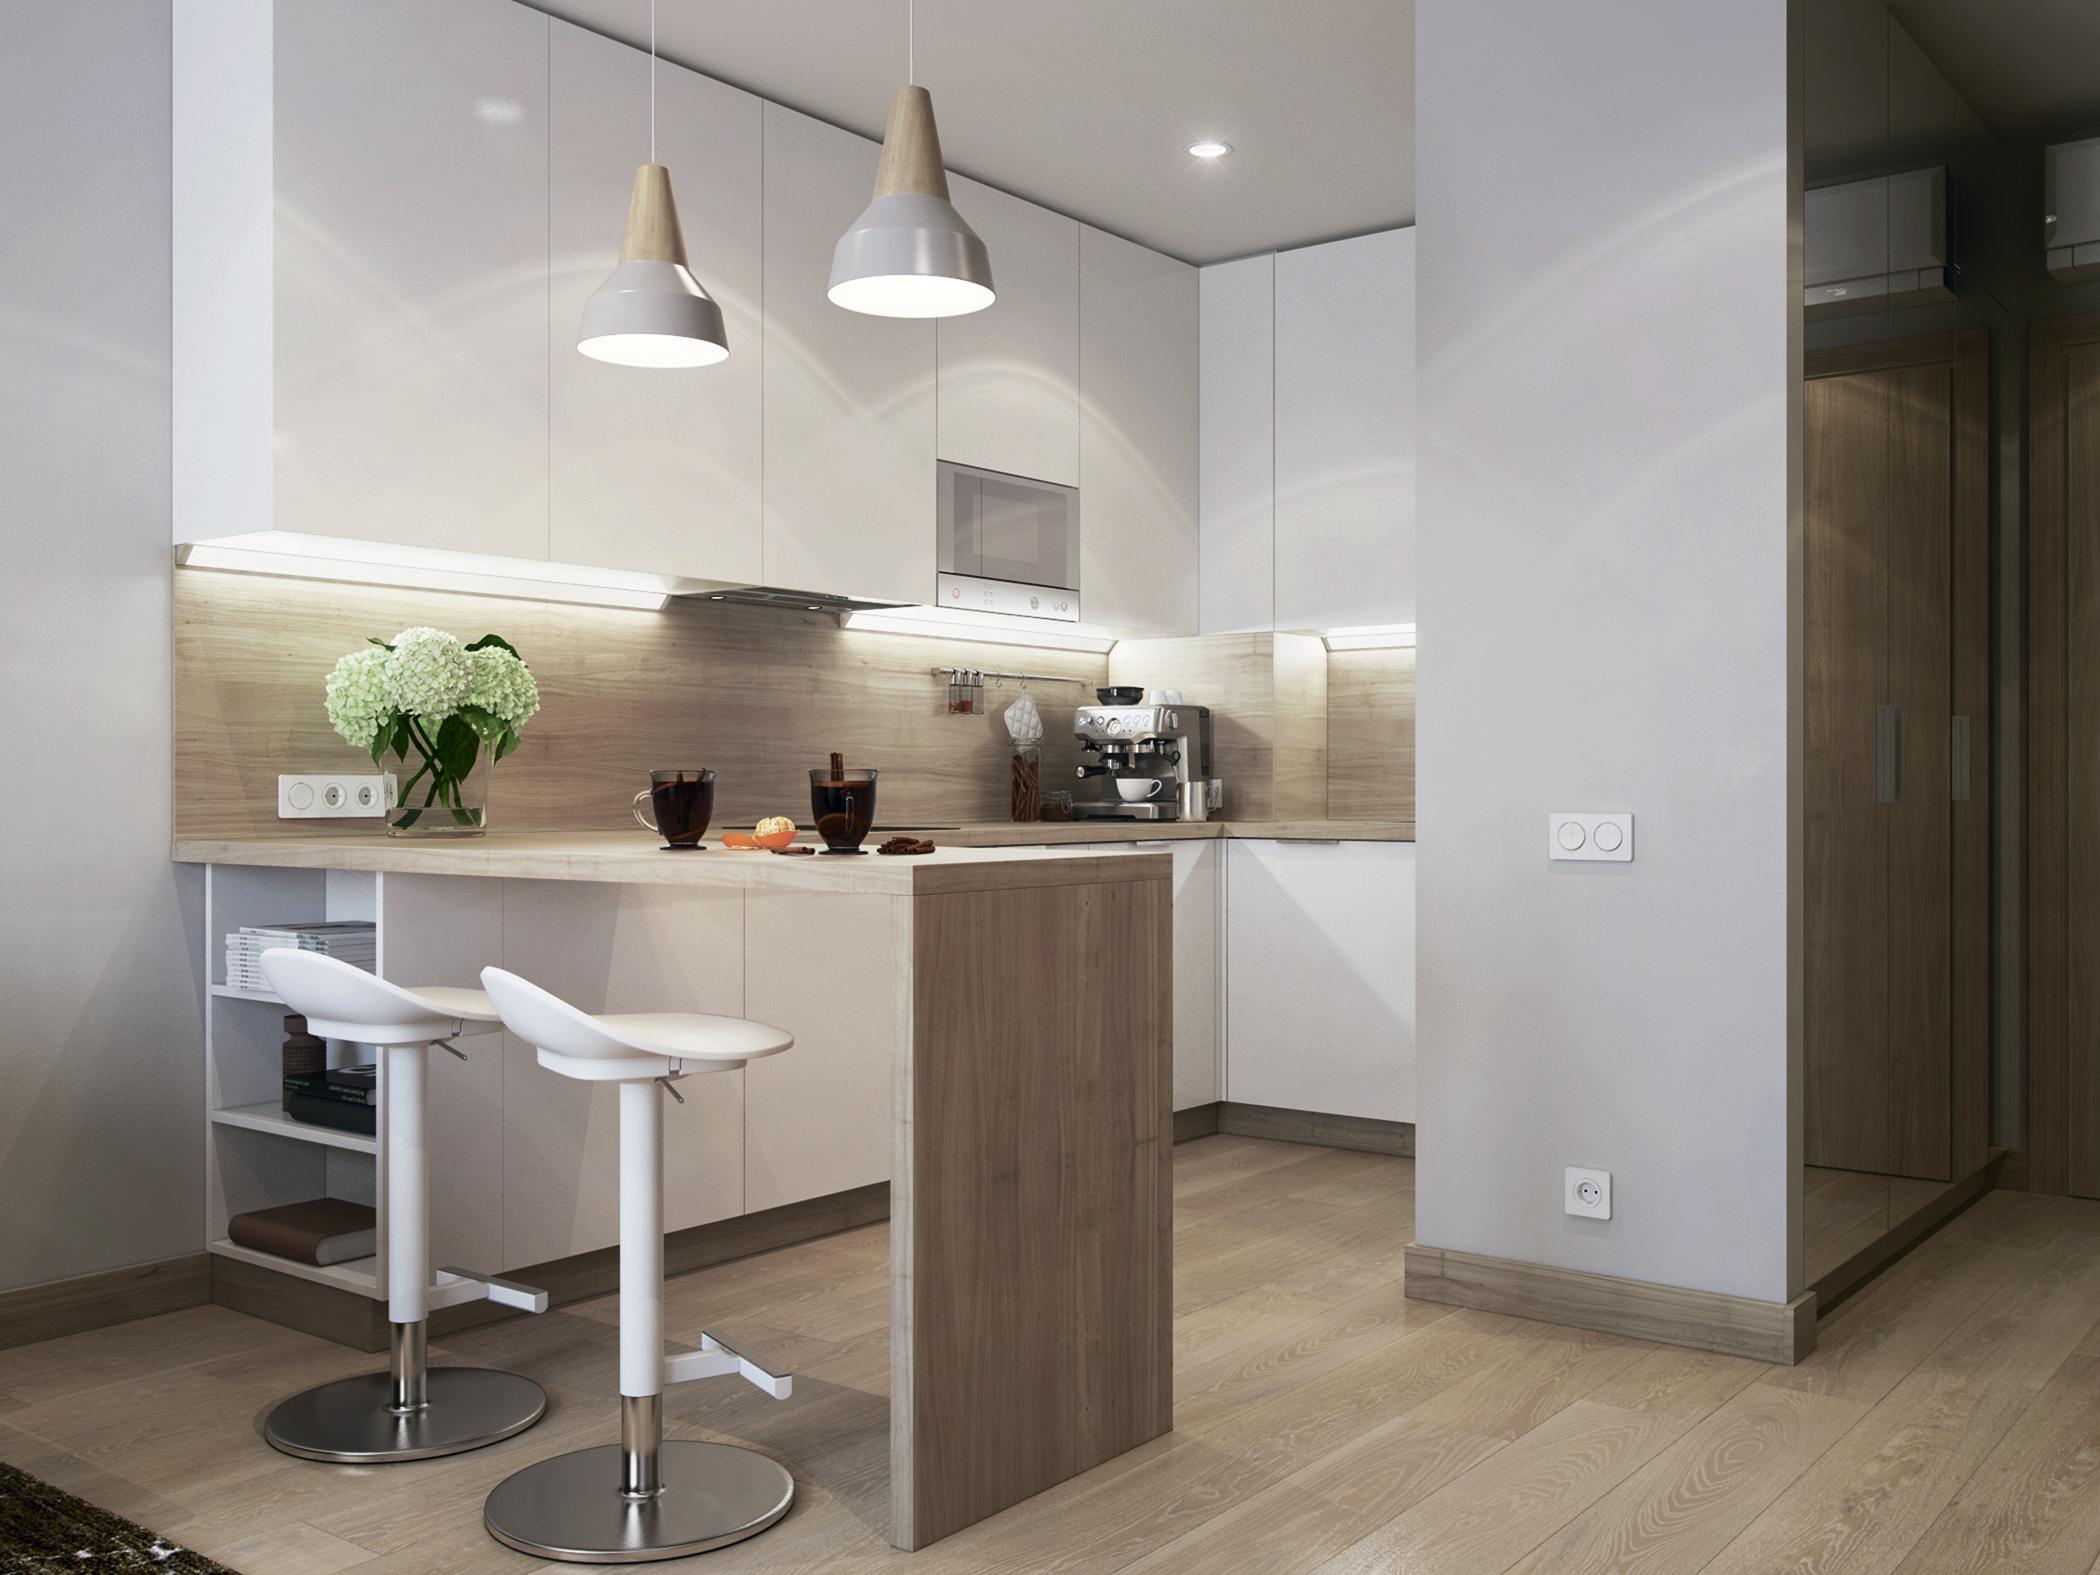 Интерьеры апартаментов YE'S Botanica и YE'S Technopark